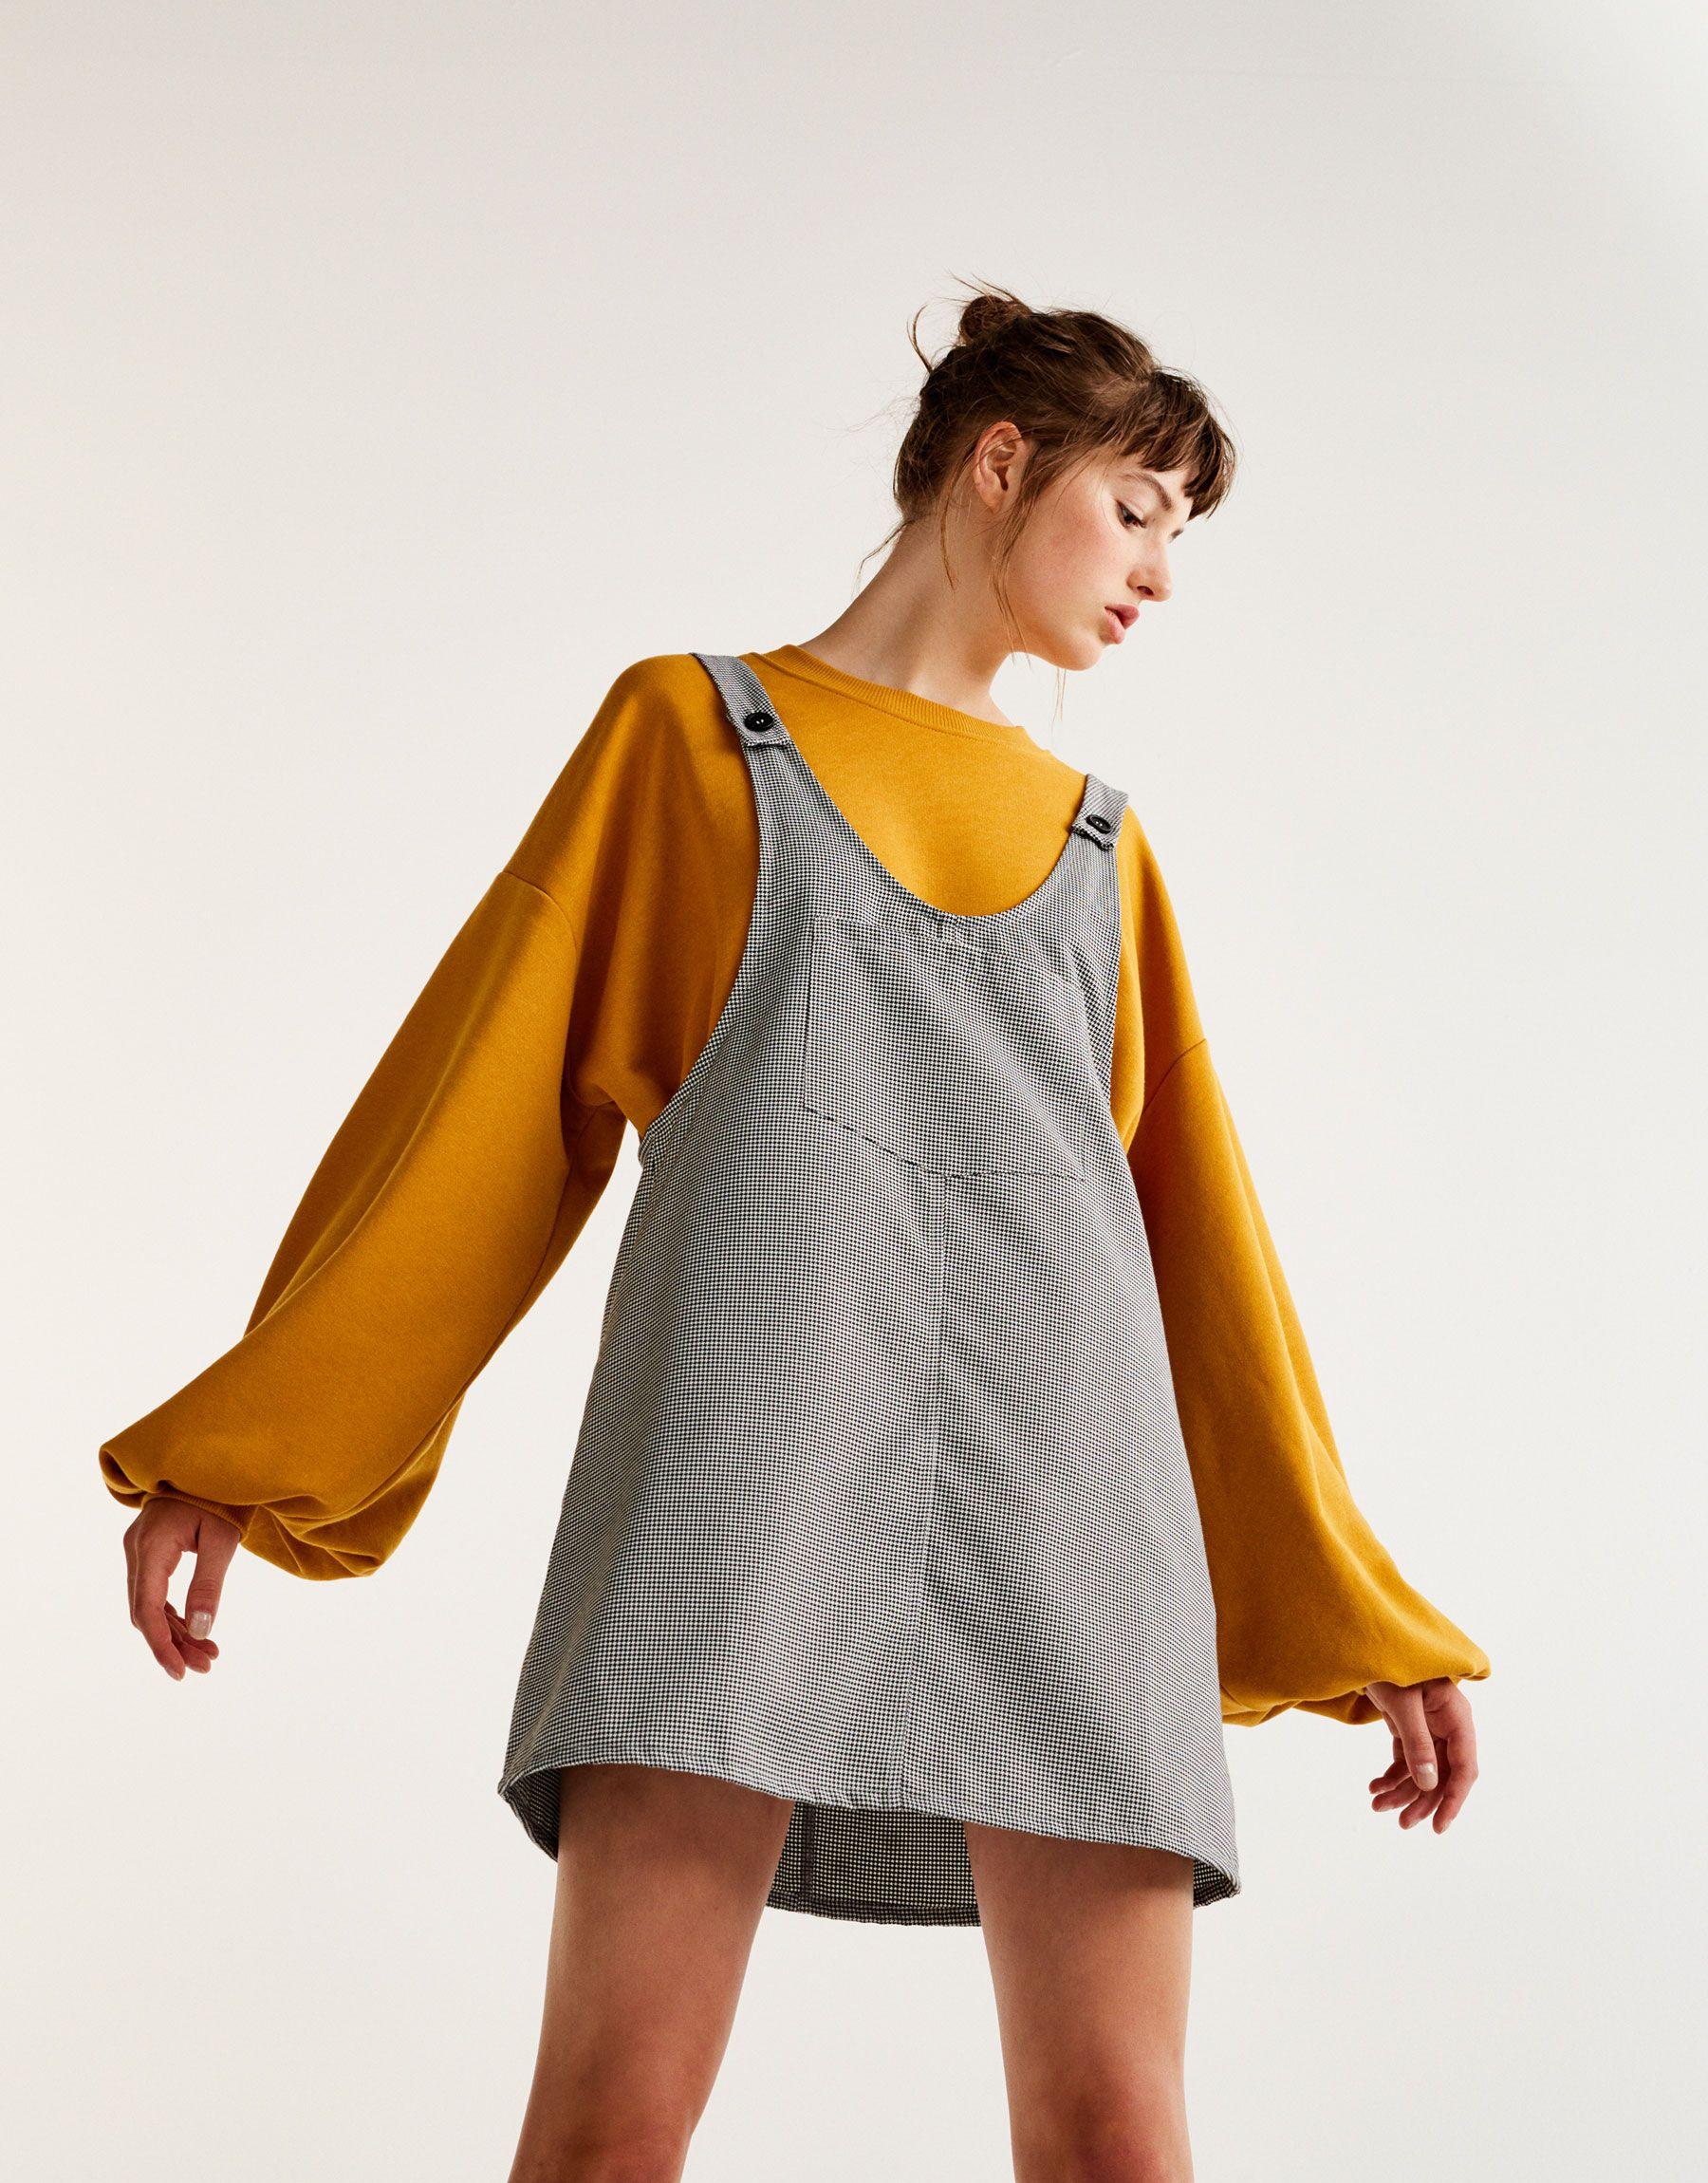 Extreem Overgooier met zak voorpand - Tuinbroeken en Jumpsuits - Kleding  @WI81